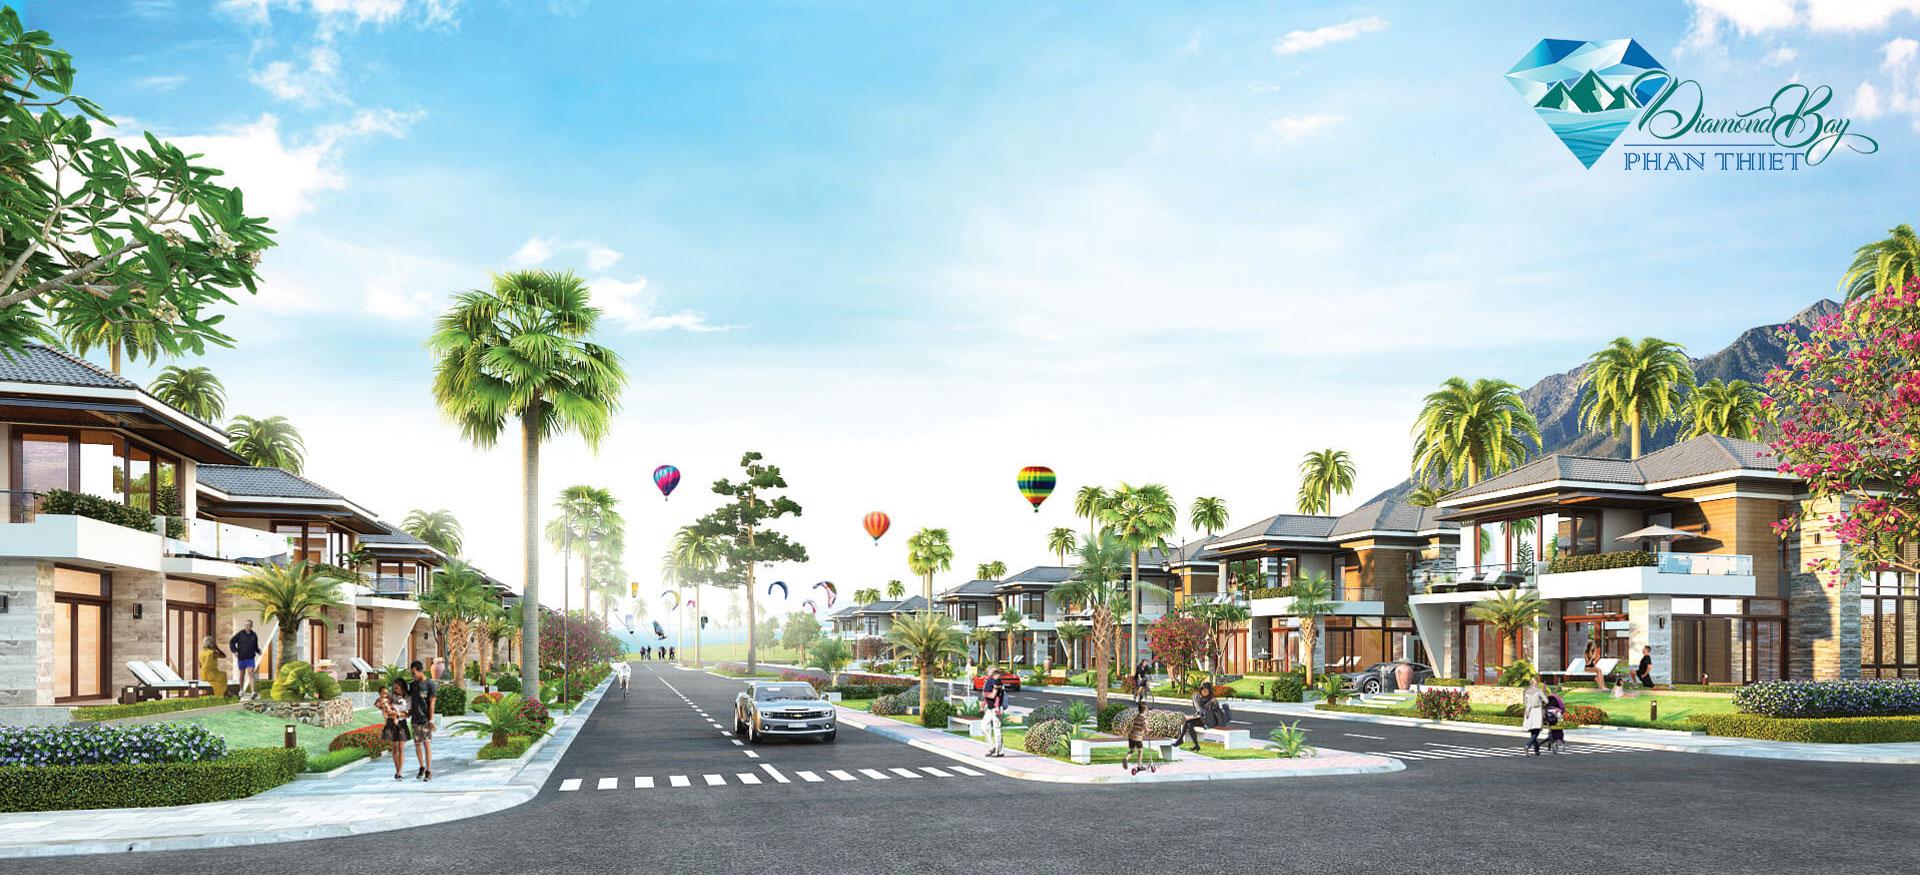 Khu dự án Diamond Bay Phan Thiết Bình Thuận cây xanh bao phủ vị trí vàng